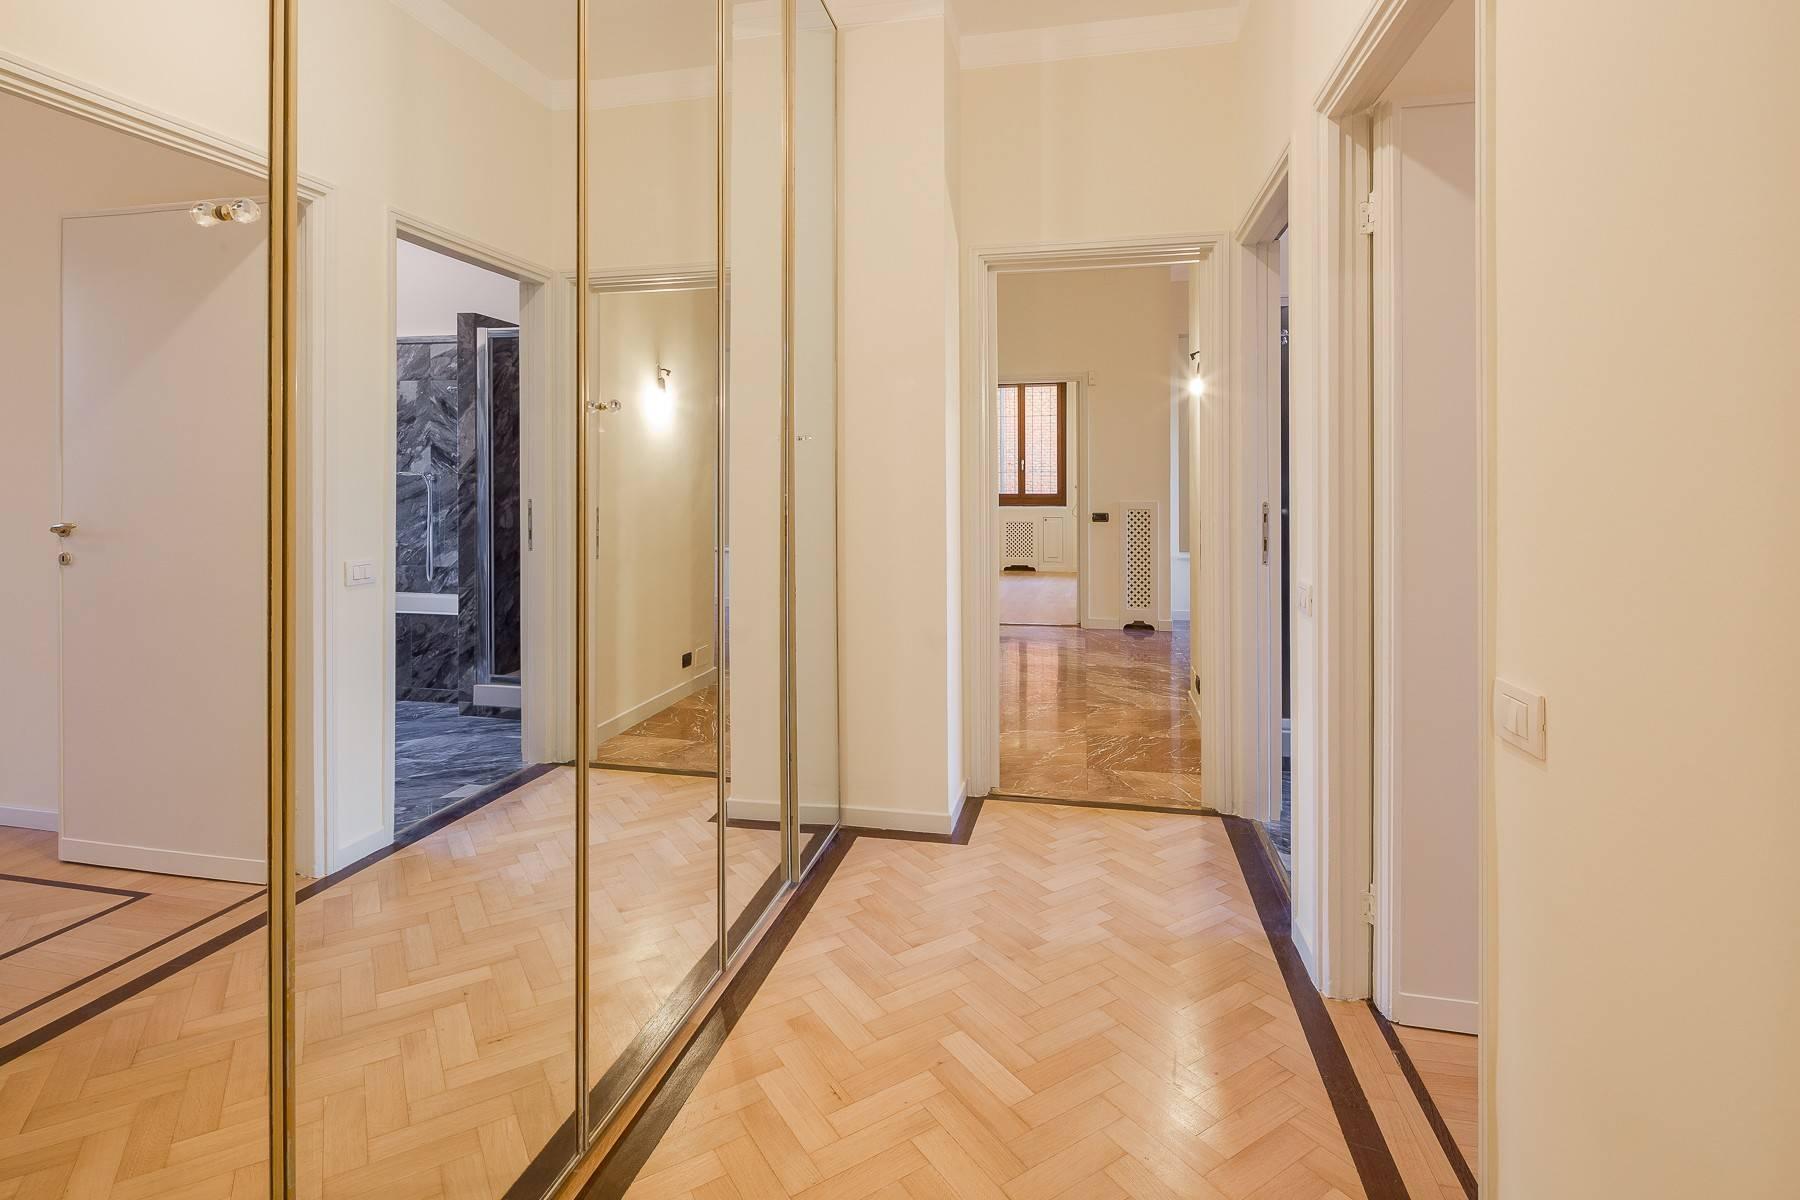 Grand appartement dans le quartier de Gabba / Montenapoleone - 11